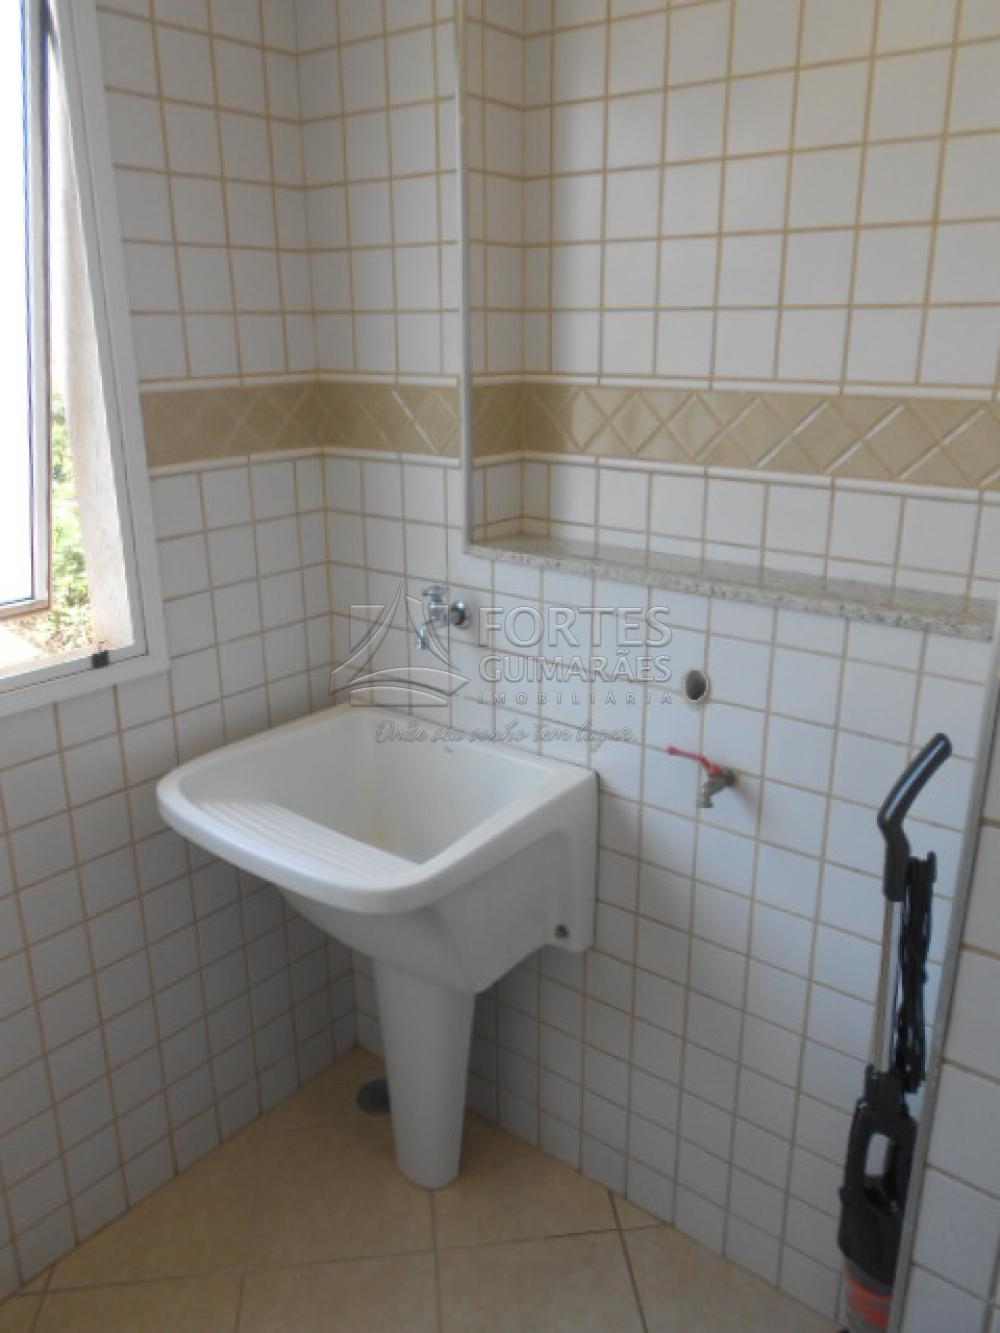 Alugar Apartamentos / Mobiliado em Ribeirão Preto apenas R$ 1.400,00 - Foto 31